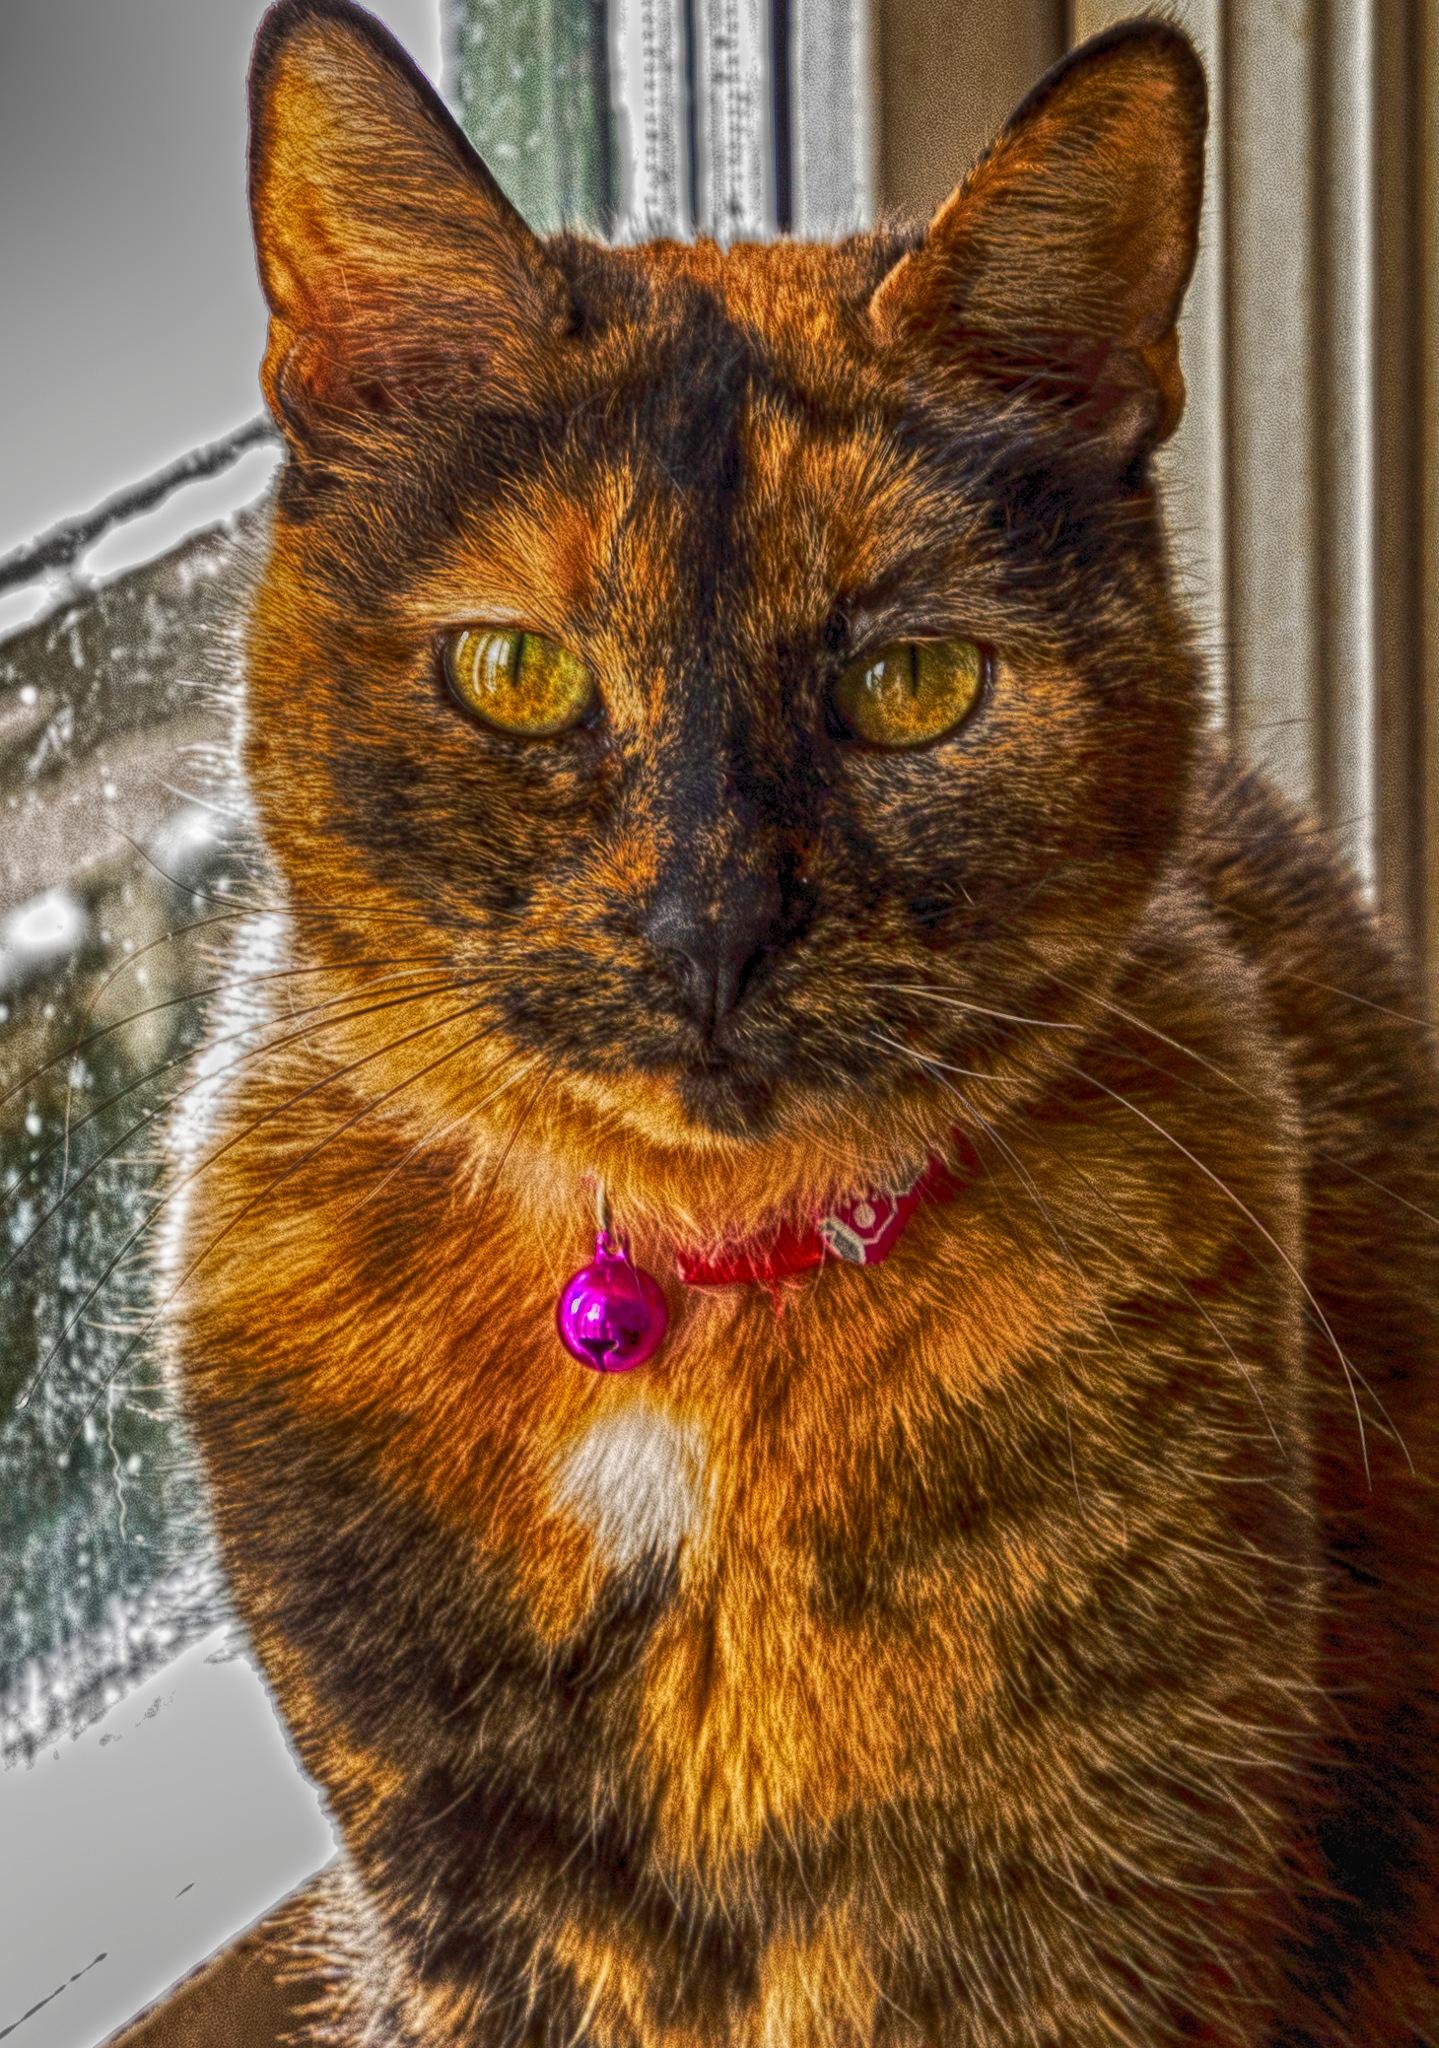 When it's Snow Outdoors by carljan w carlsson